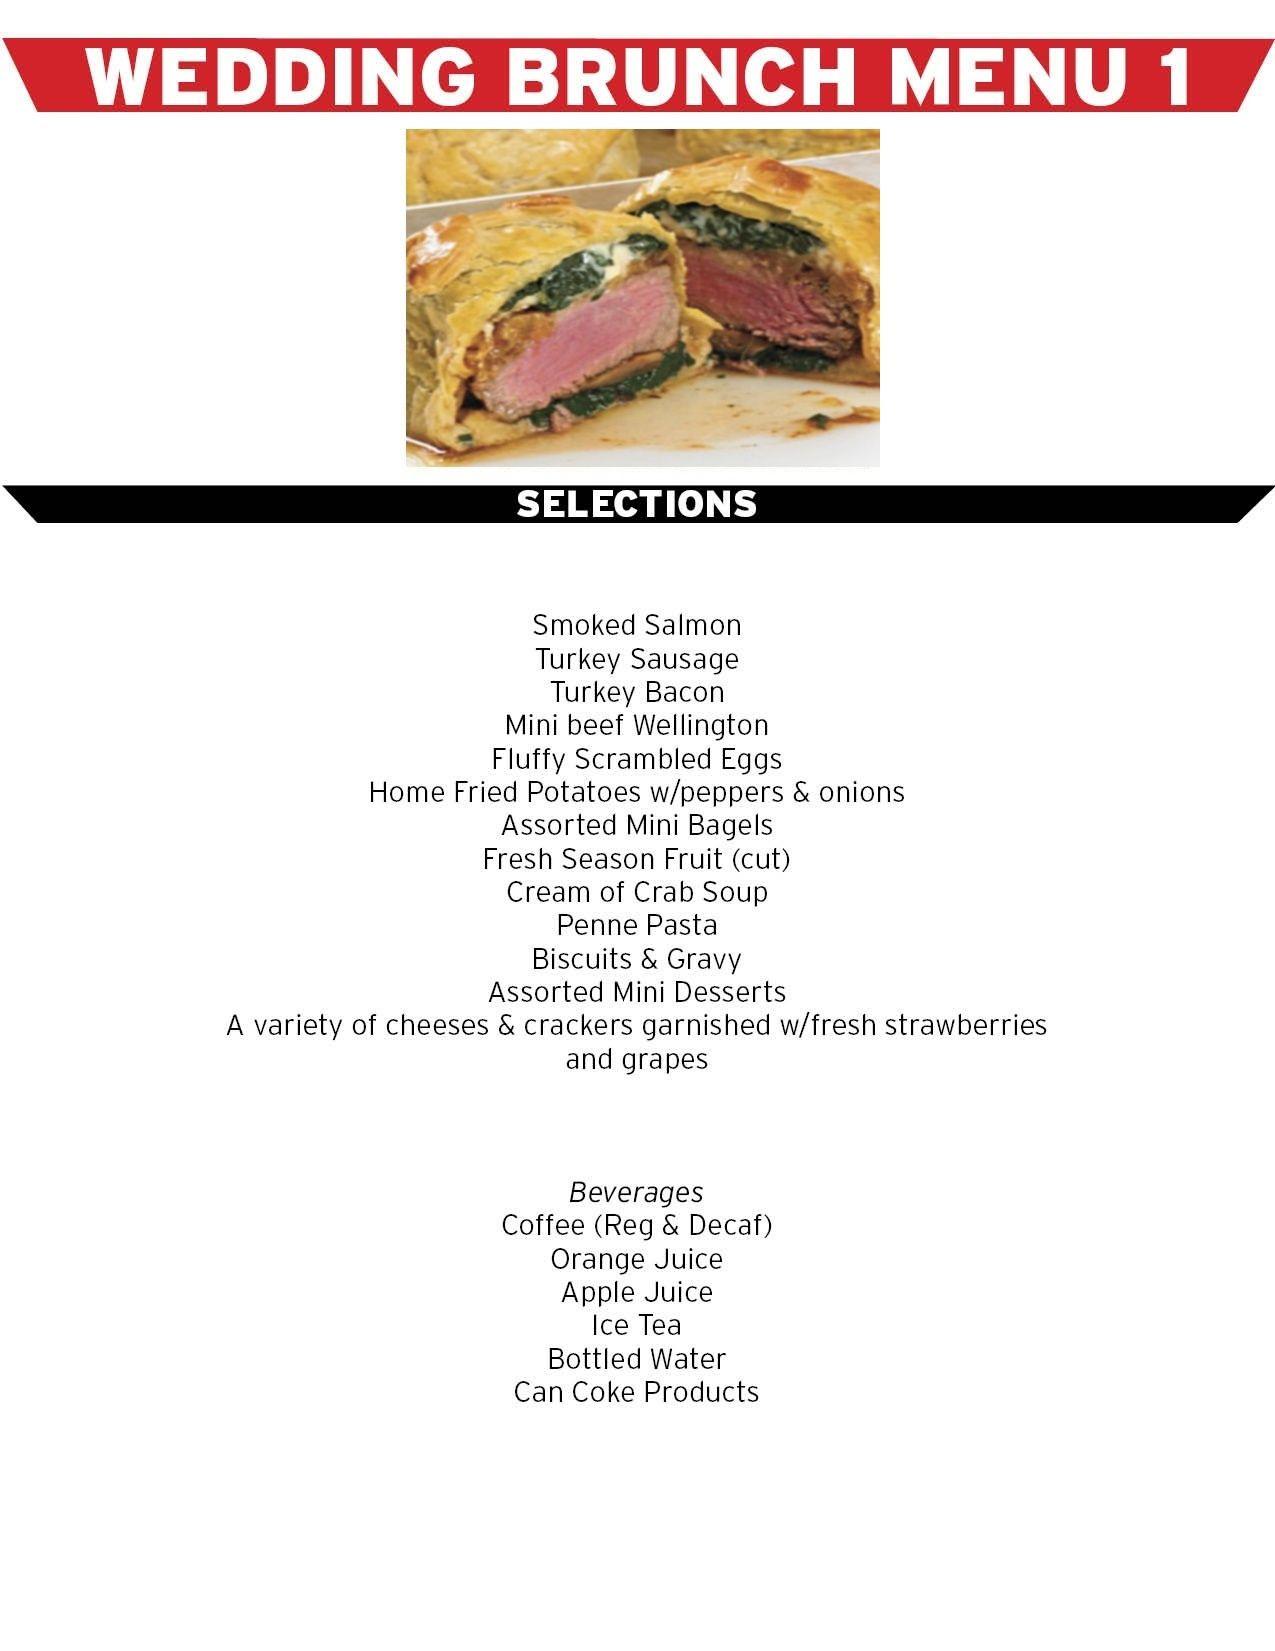 engagement brunch menu simply good wedding brunch menu 1 v2